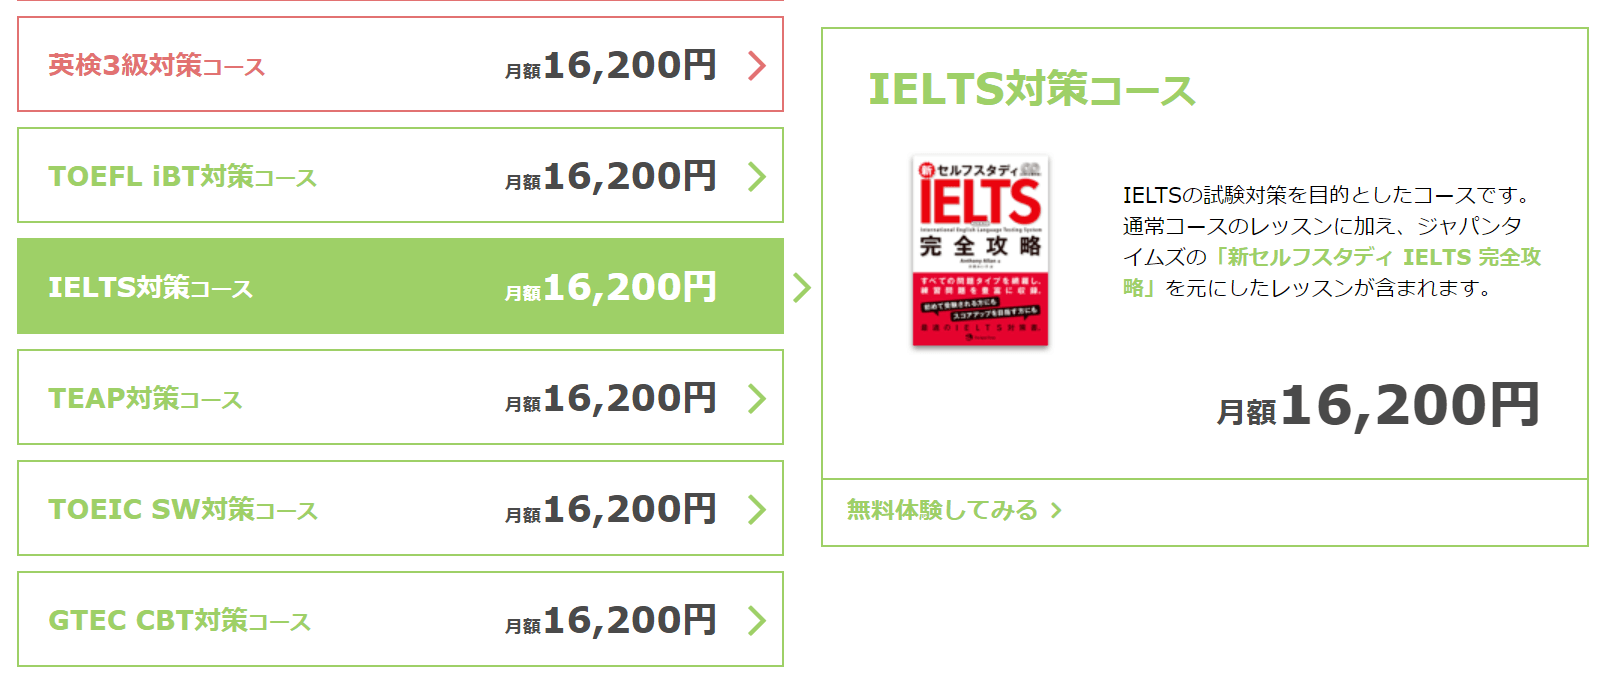 ベストティーチャーのIELTSコース